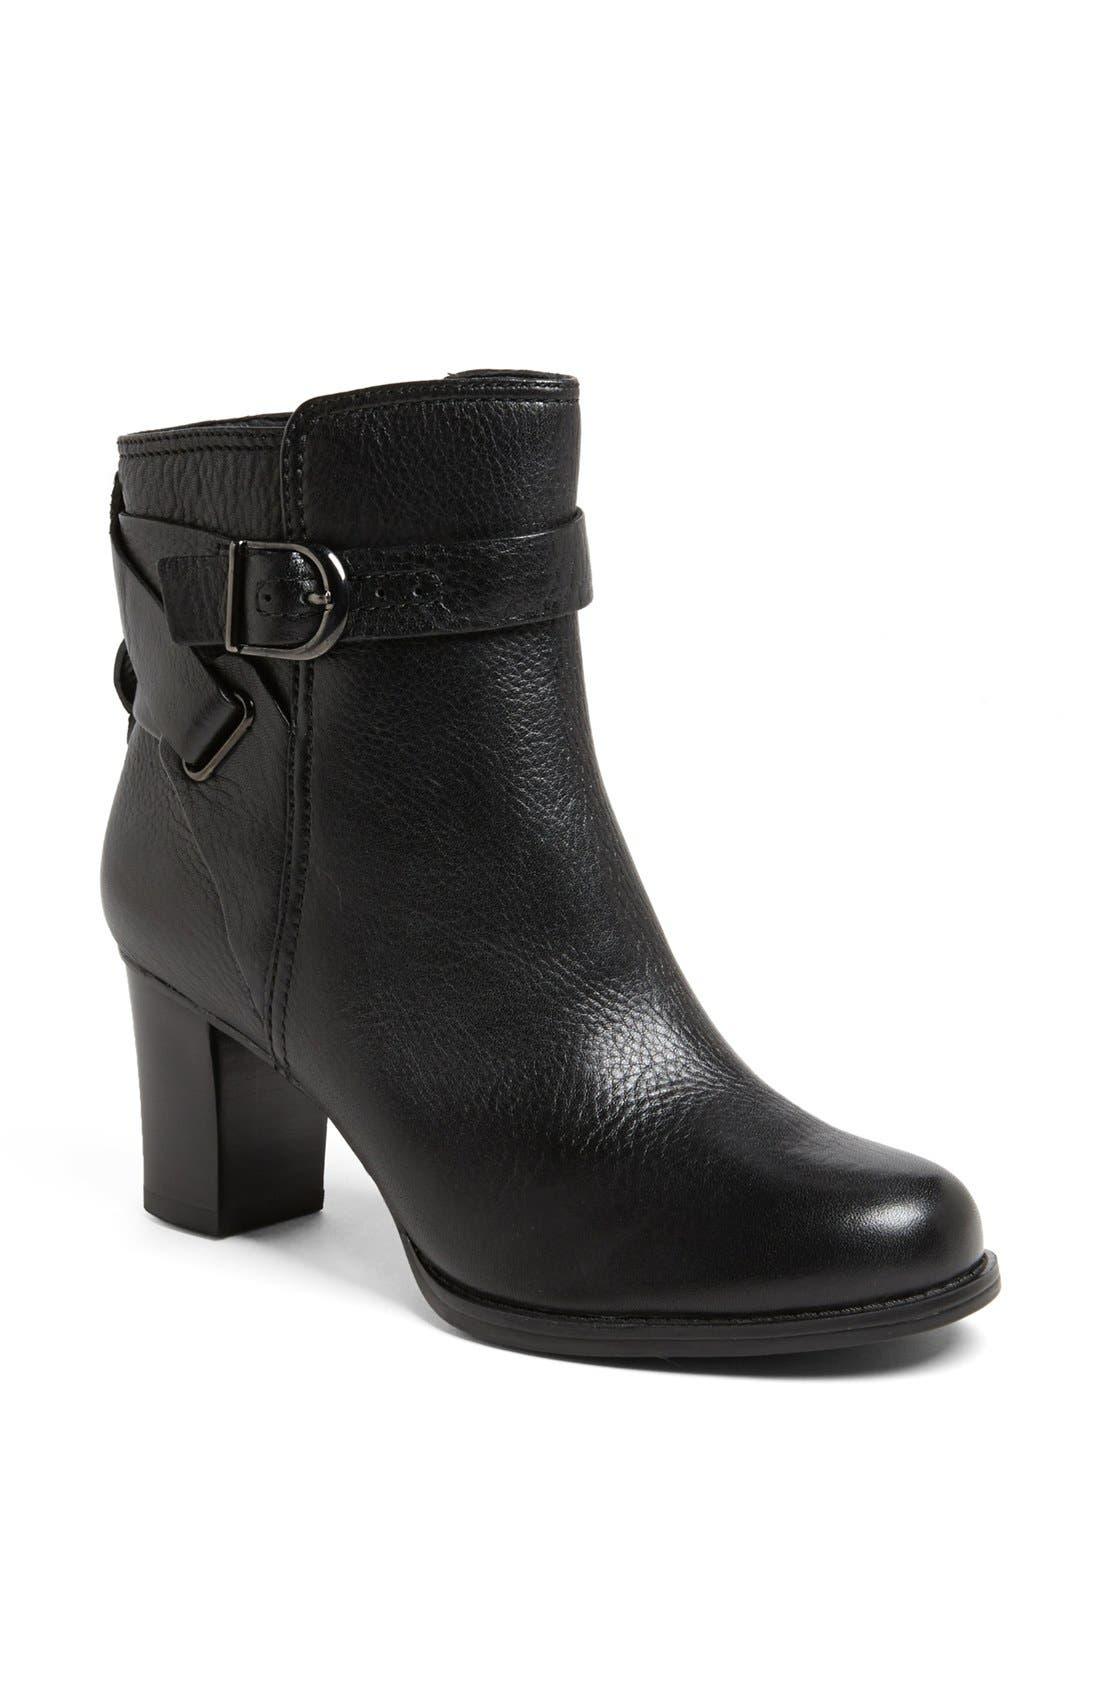 Alternate Image 1 Selected - Clarks 'Jolissa Topaz' Boot